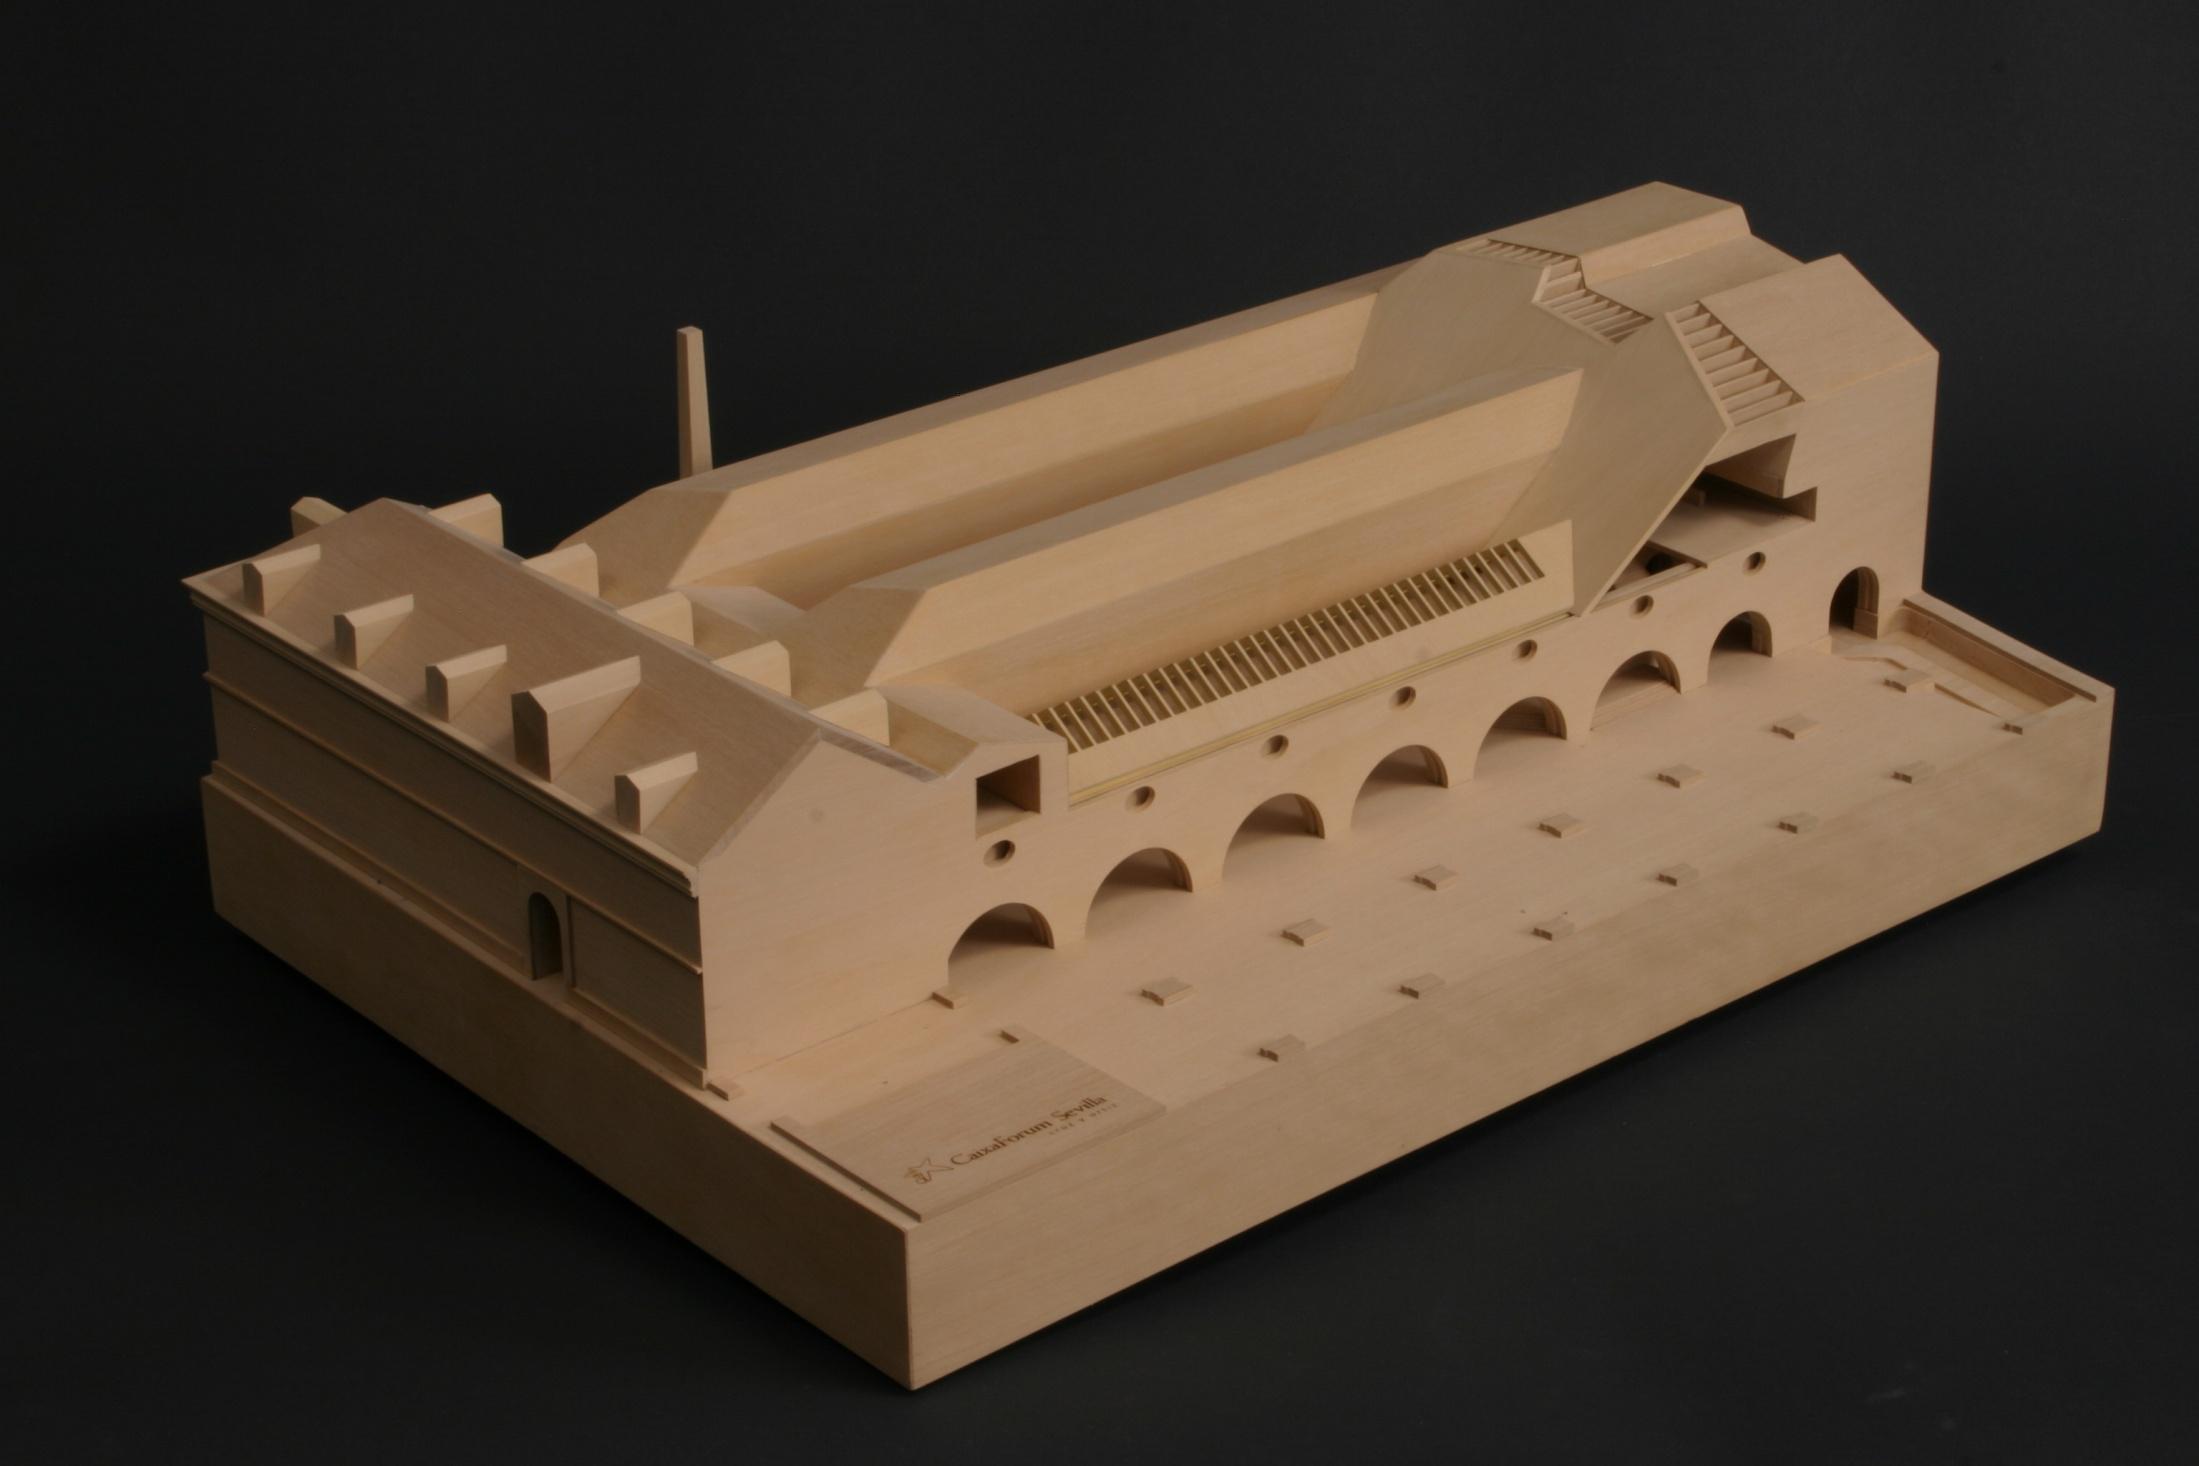 q2xro portfolio architecture caixa forum sevilla competition (3)